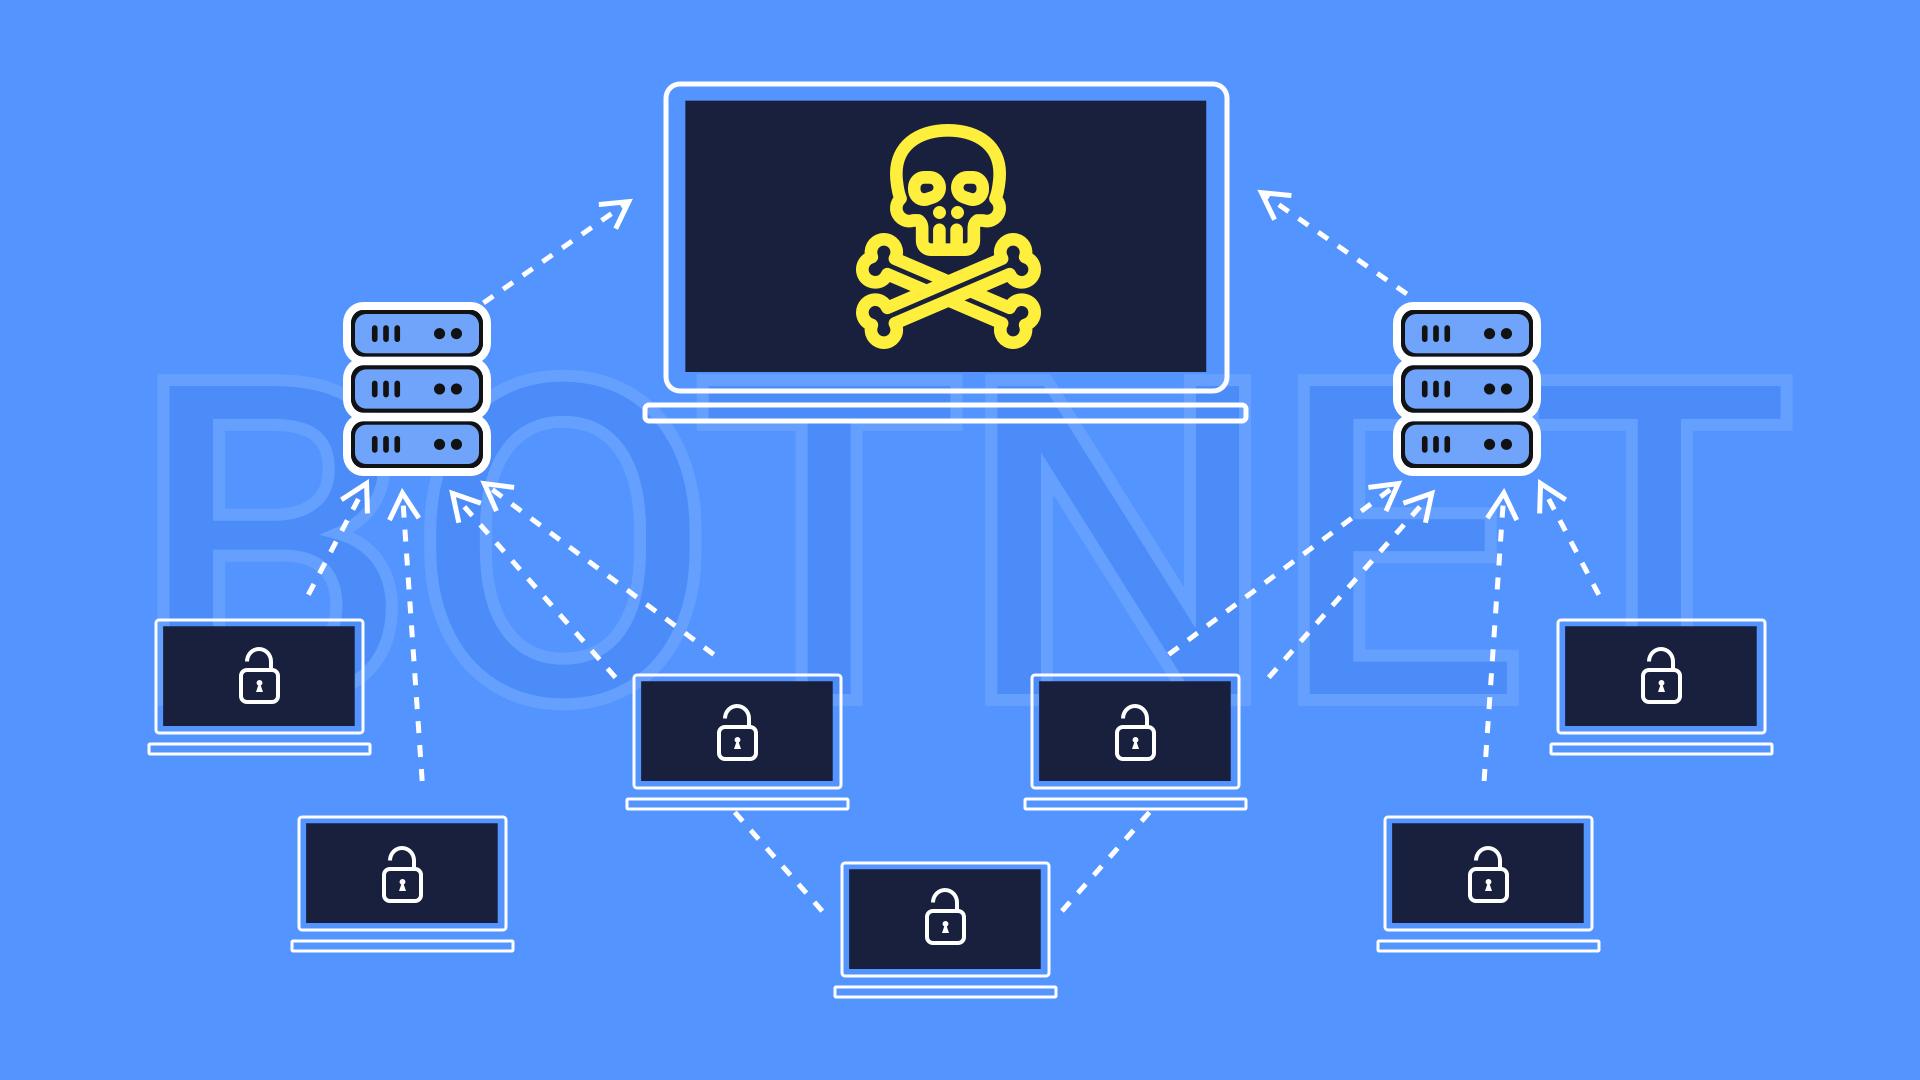 Исходный код вредоносного ПО Phorpiex выставлен на продажу в даркнете